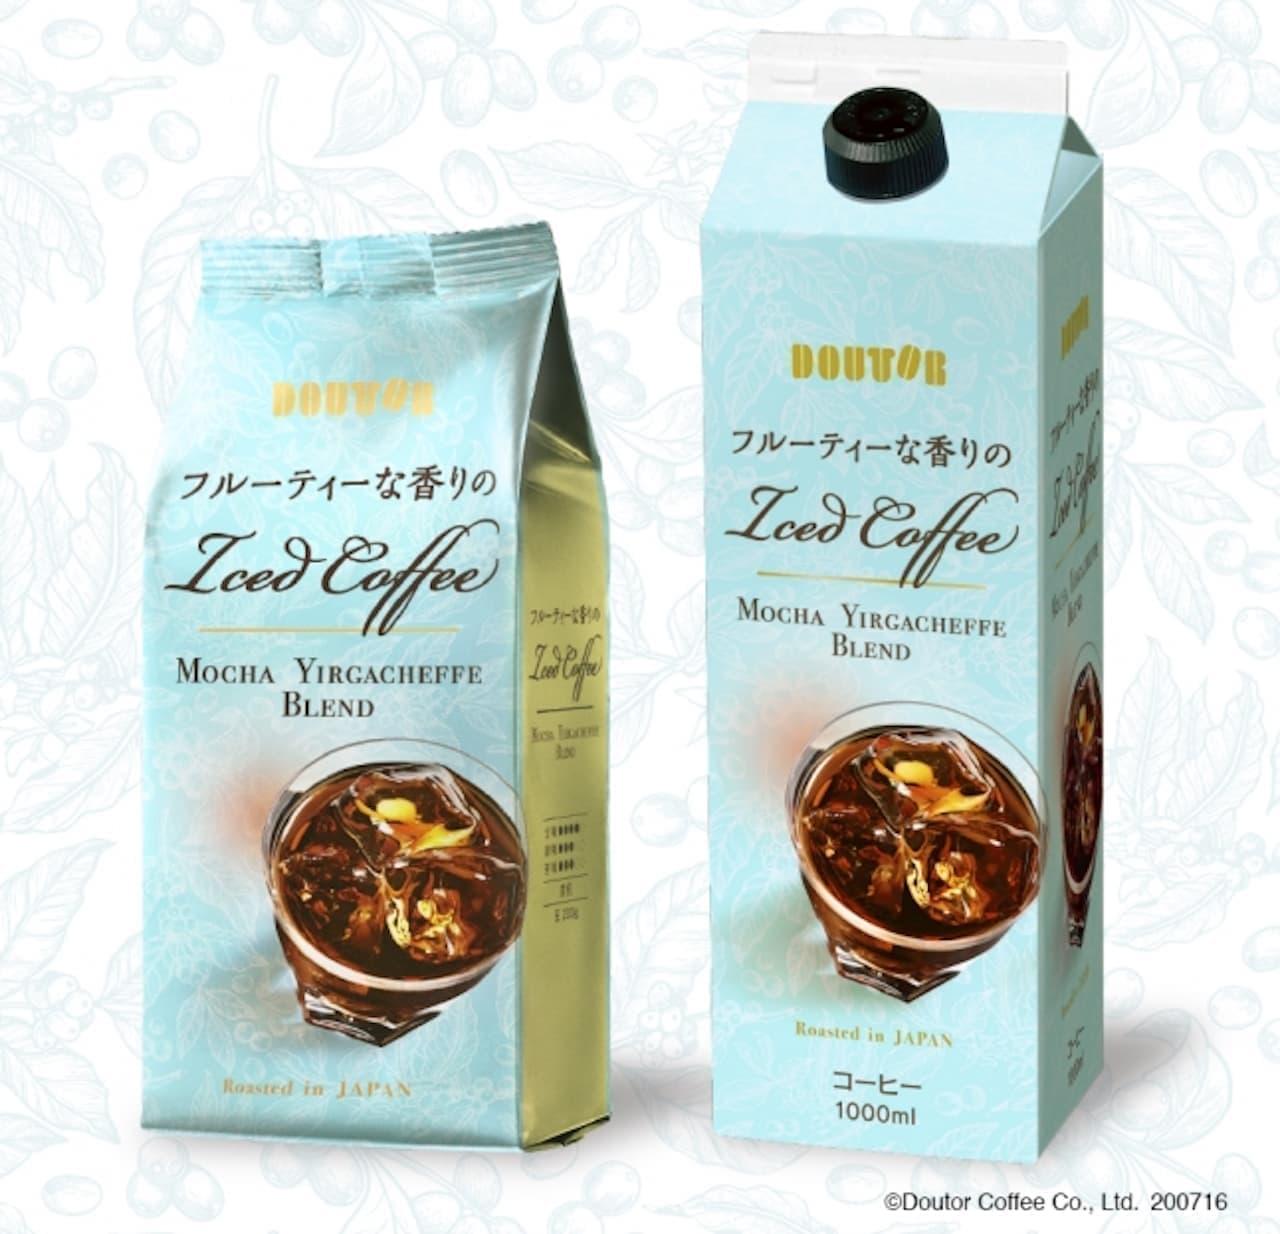 ドトール「フルーティーな香りのアイスコーヒー ~モカ イルガチェフェ ブレンド~」